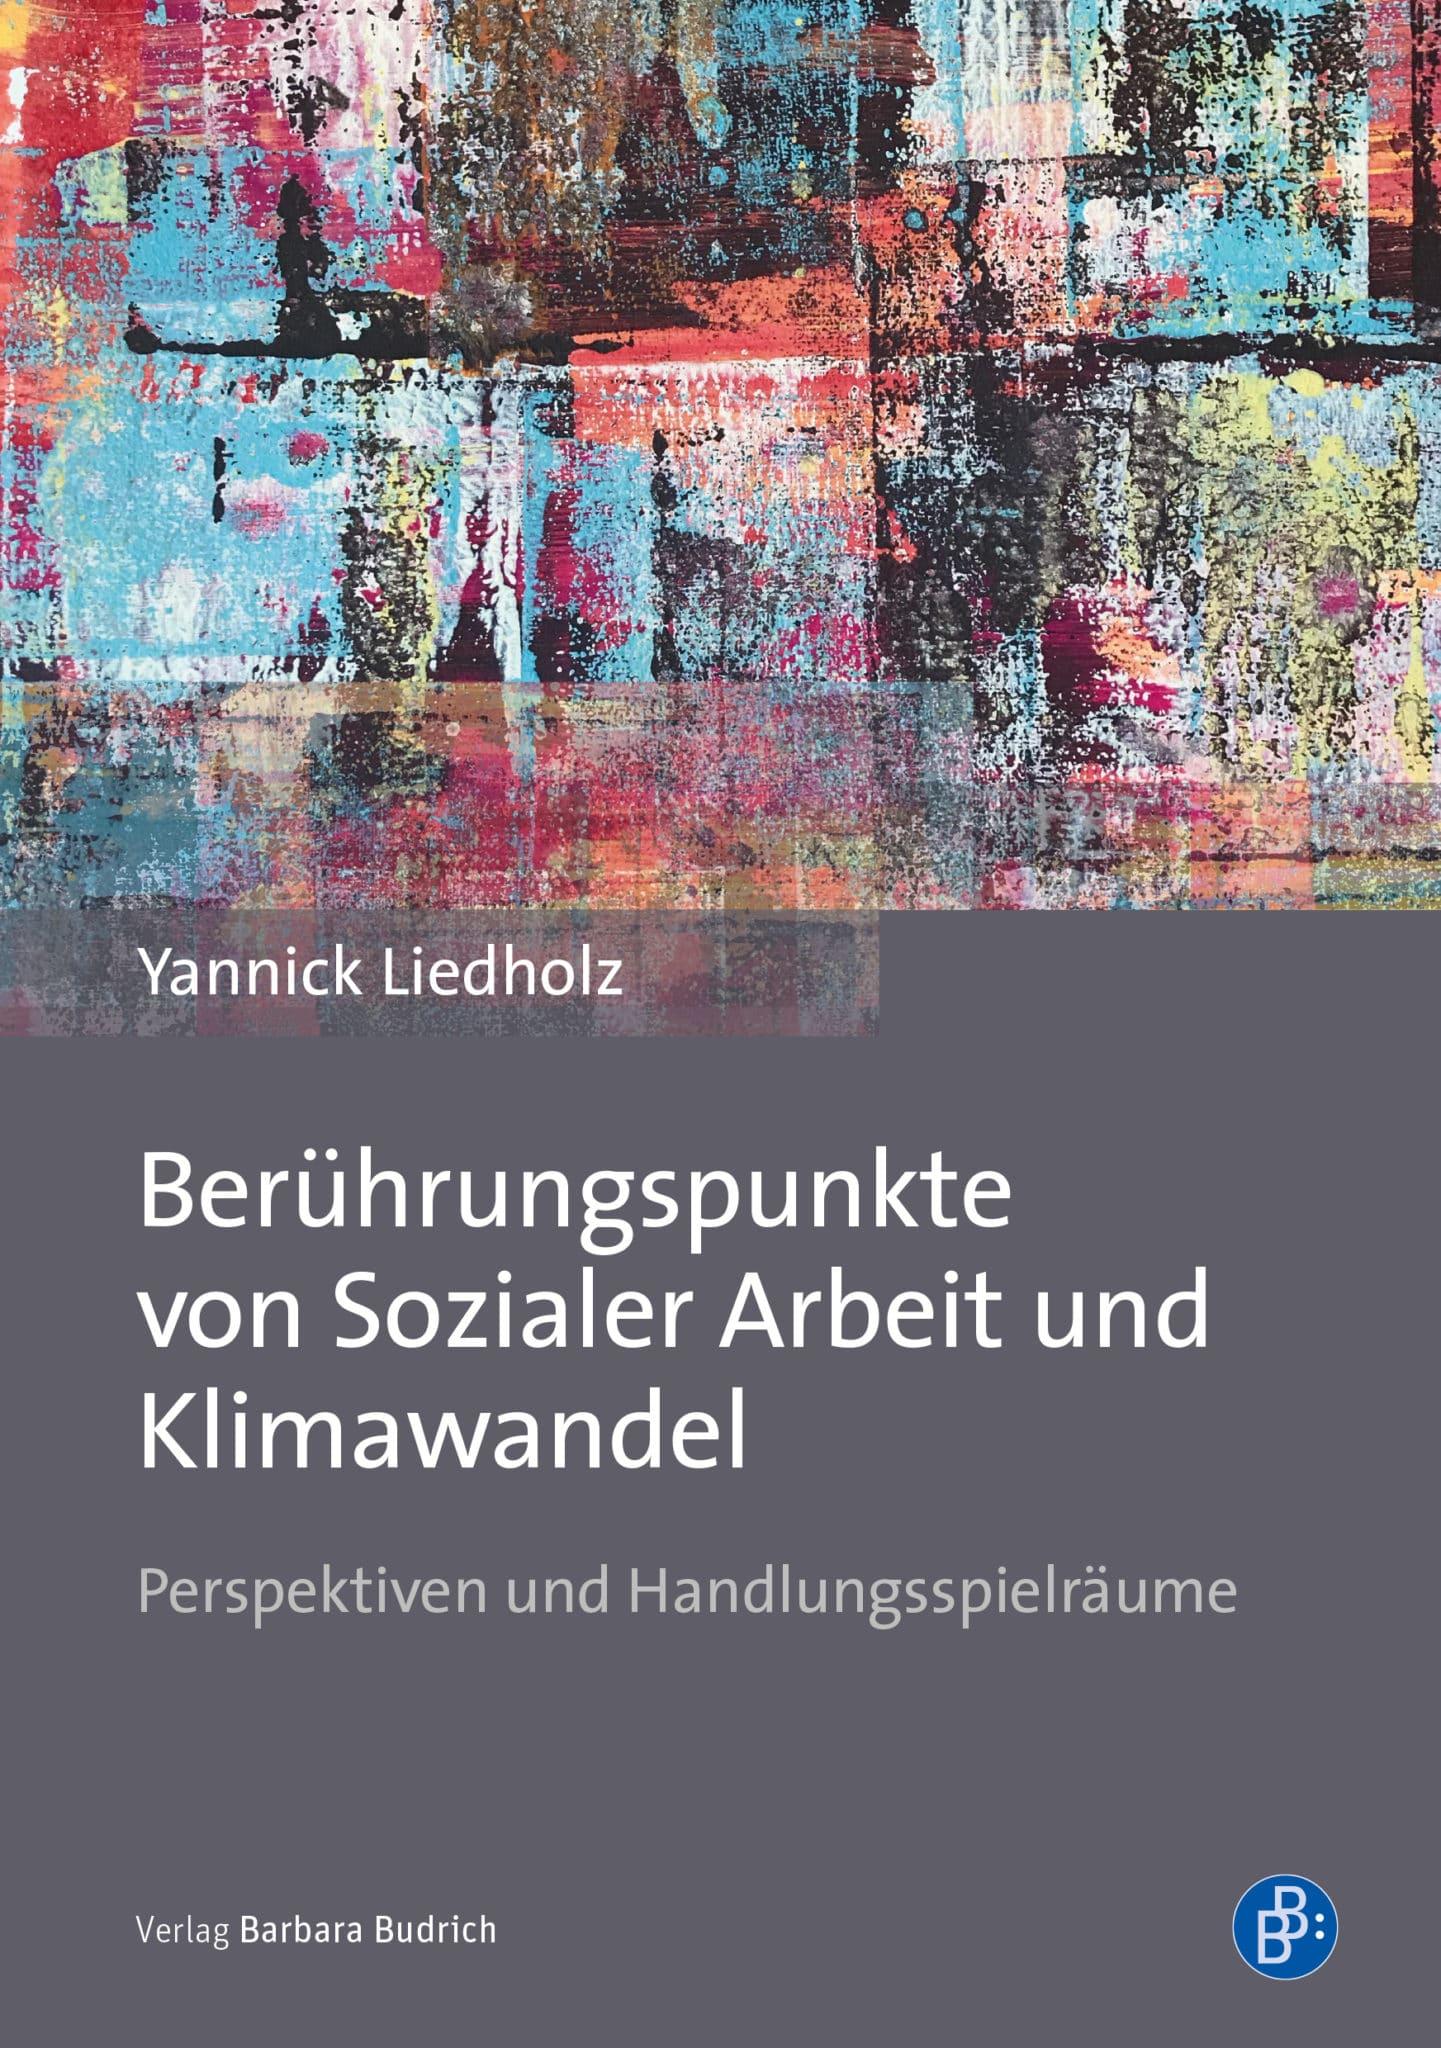 Liedholz : Berührungspunkte von Sozialer Arbeit und Klimawandel. Perspektiven und Handlungsspielräume. Verlag Barbara Budrich. ED: 14.12.2020